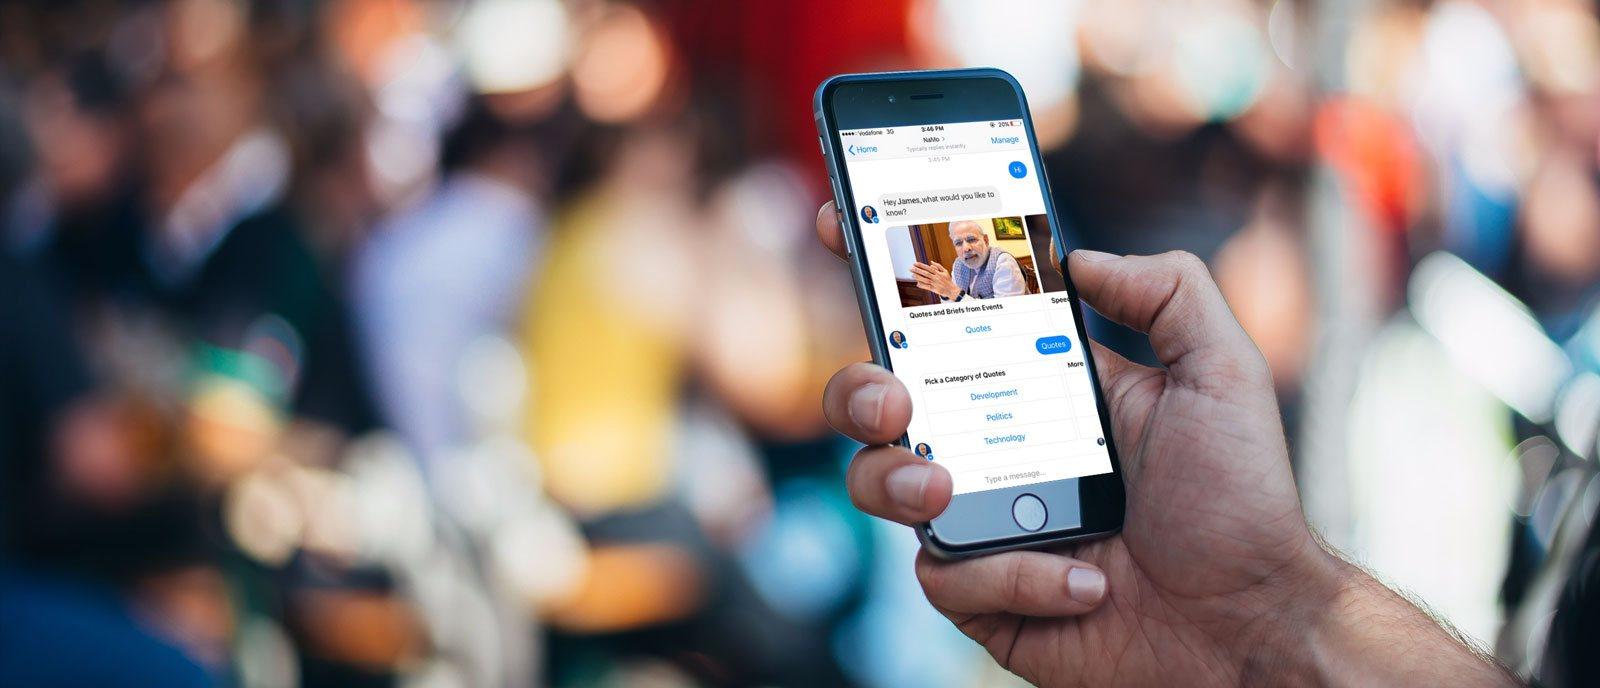 Na imagem, uma pessoa está conversando pelo Facebook Messenger.